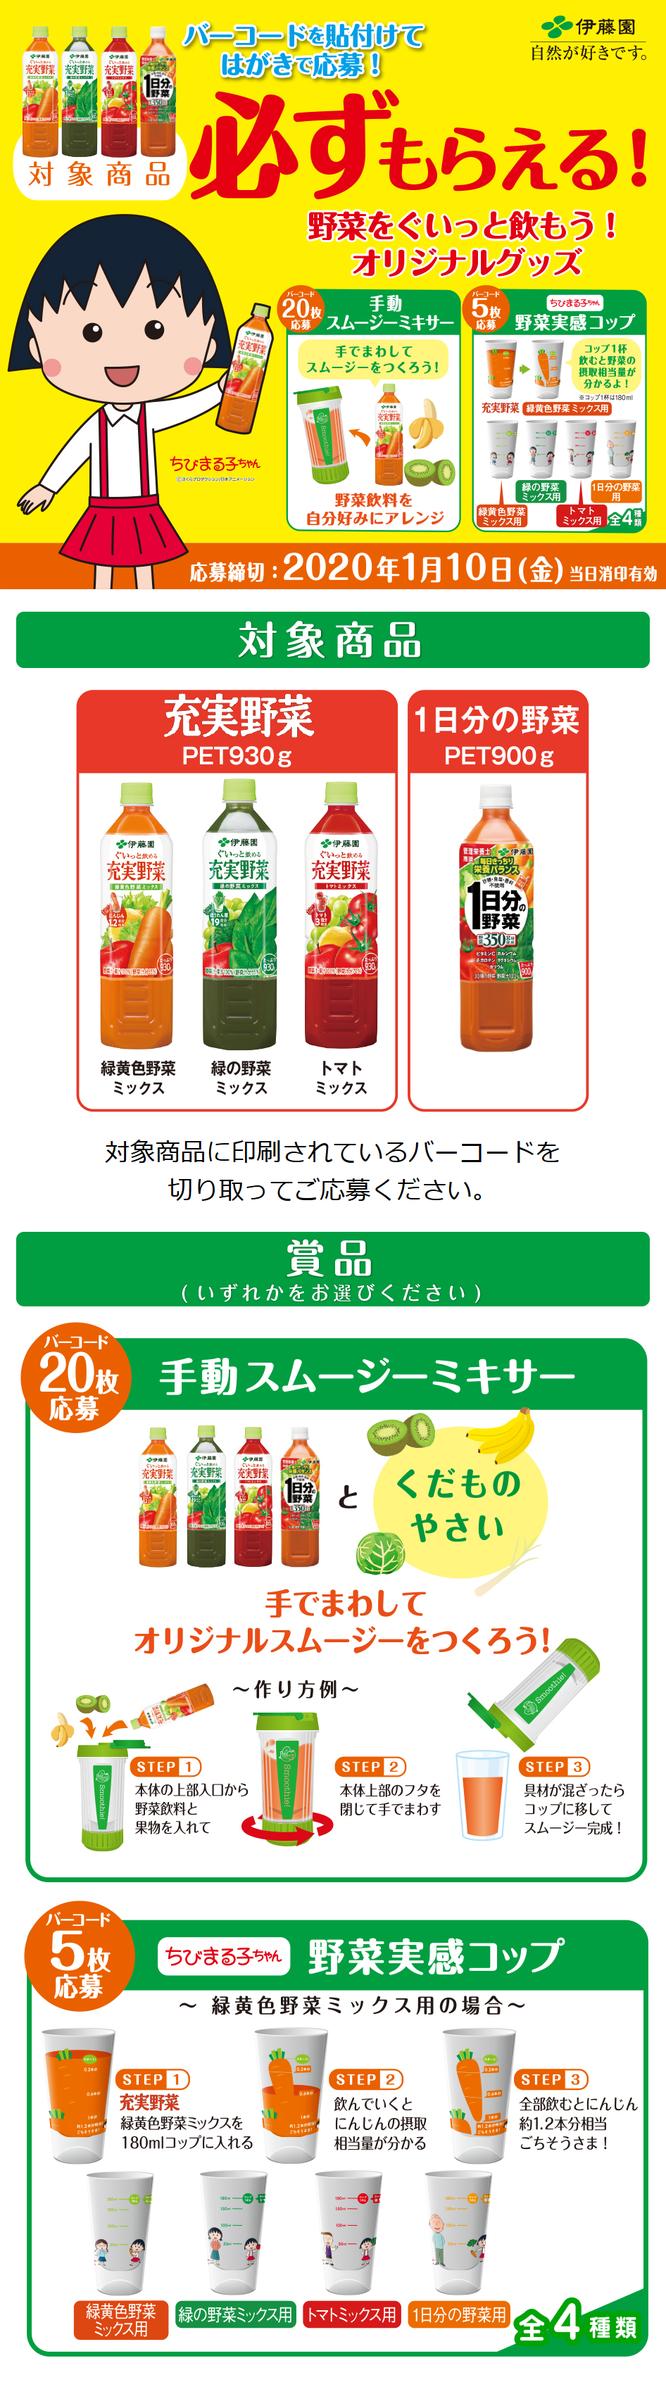 【伊藤園】ちびまる子ちゃん 野菜をぐいっと飲もう!キャンペーン